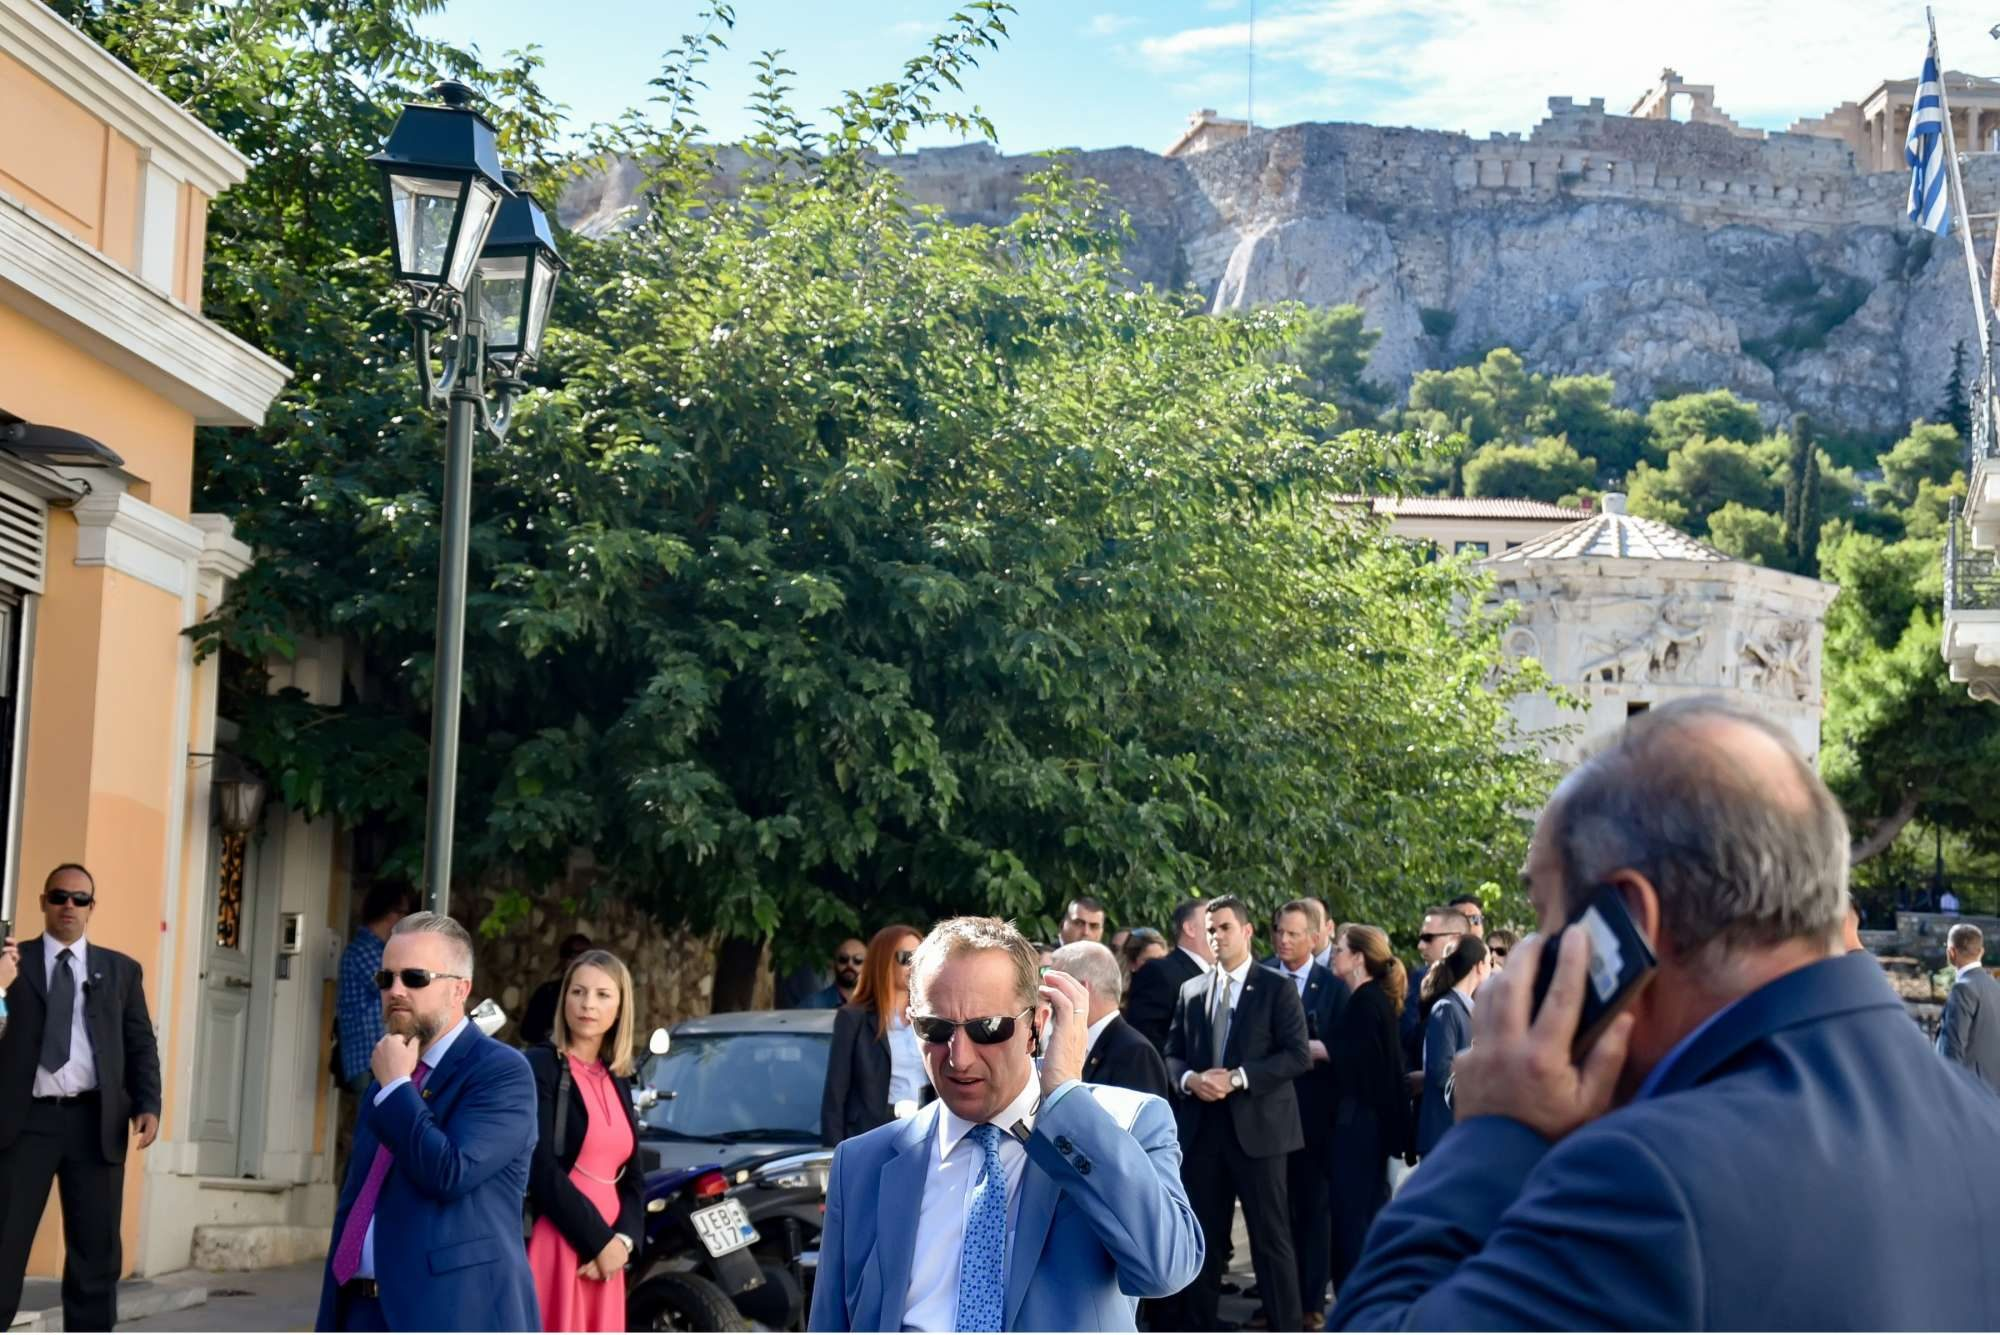 Το γκρουπ κάτω από τον Ιερό Βράχο της Ακρόπολης